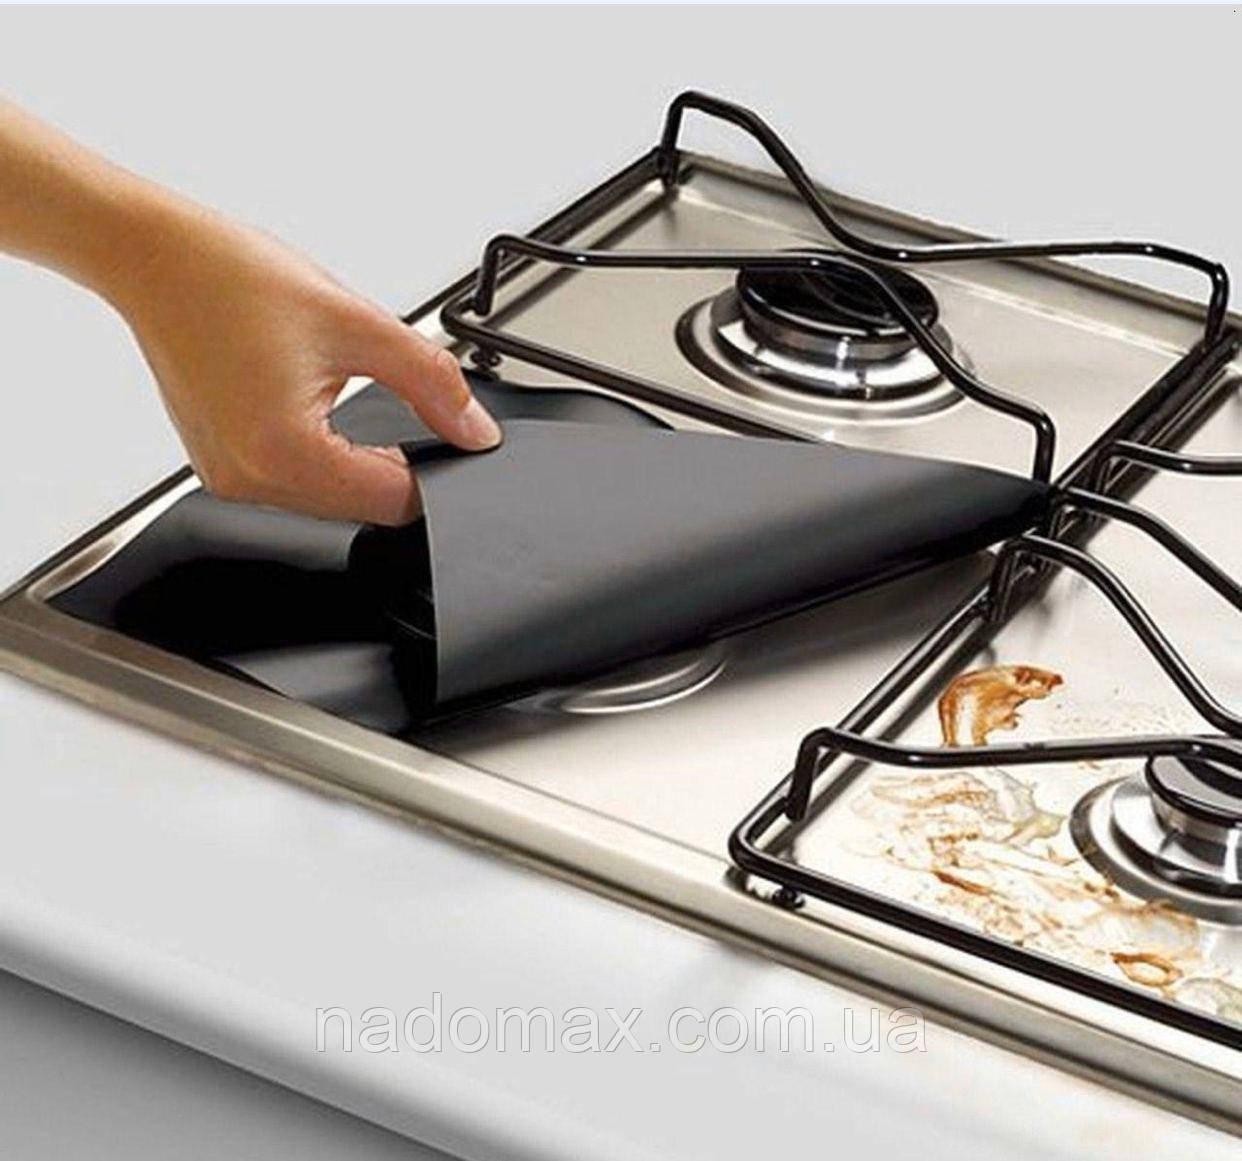 Силиконовый коврик для плиты